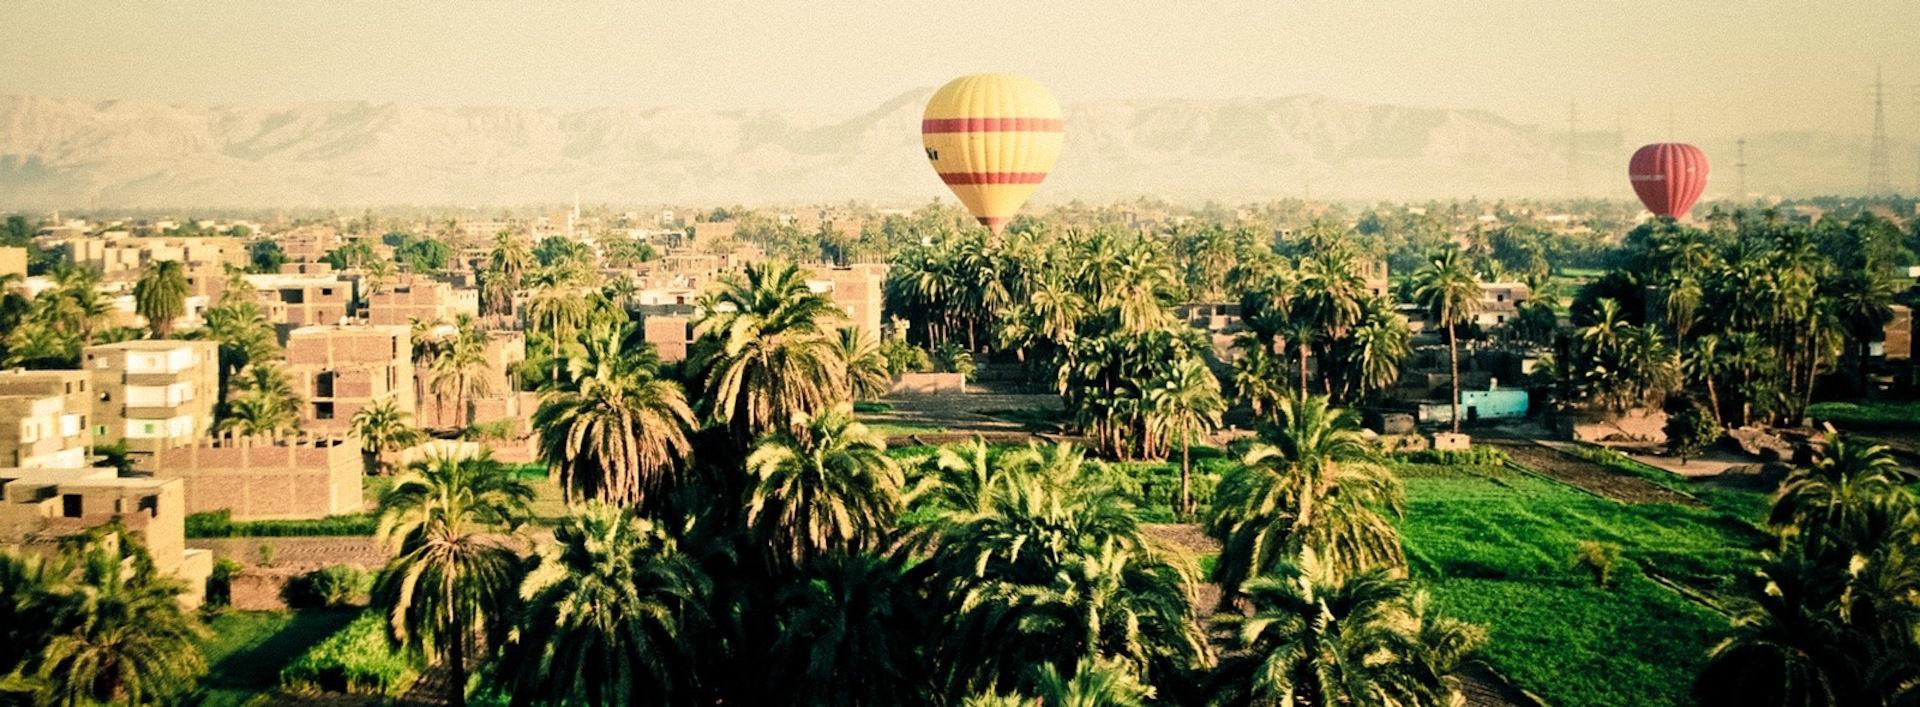 Palmen, Luftballons, heiße Luft, Montañas, Stadt - Wallpaper HD - Prof.-falken.com